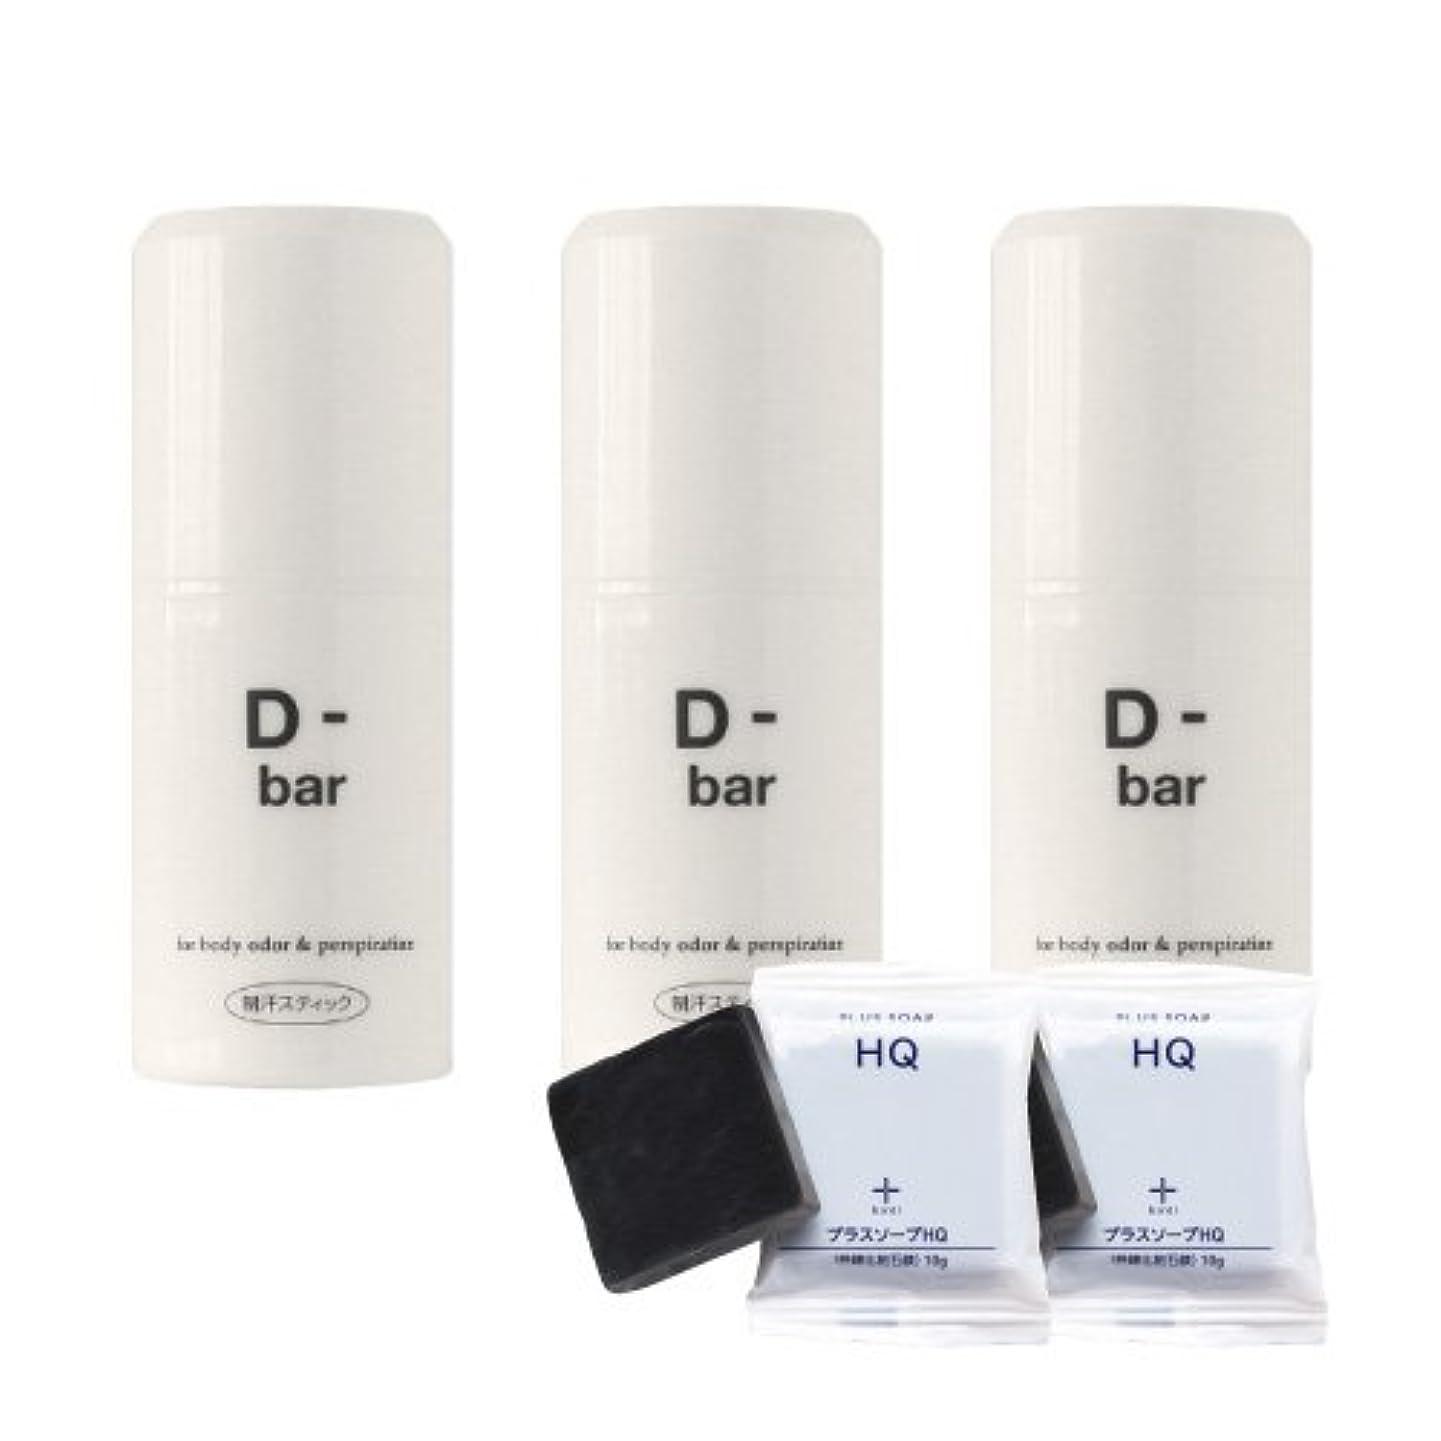 世界に死んだ動脈軍D-bar(ディーバー) 15g 3本 + プラスソープHQミニ 2個